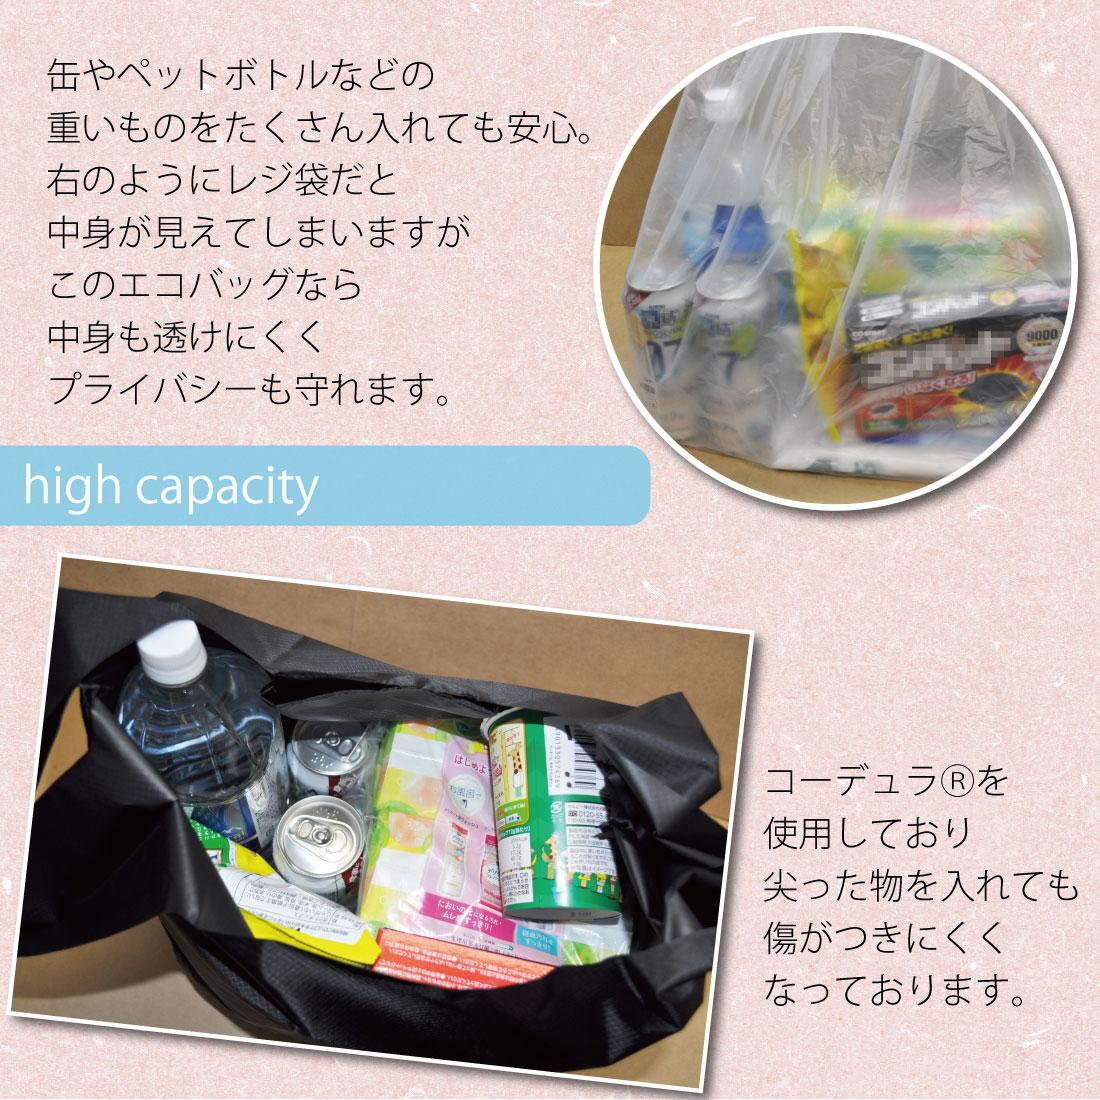 缶やペットボトルなどの重いものをたくさん入れても安心です。尖った物を入れても傷がつきにくくなっております。